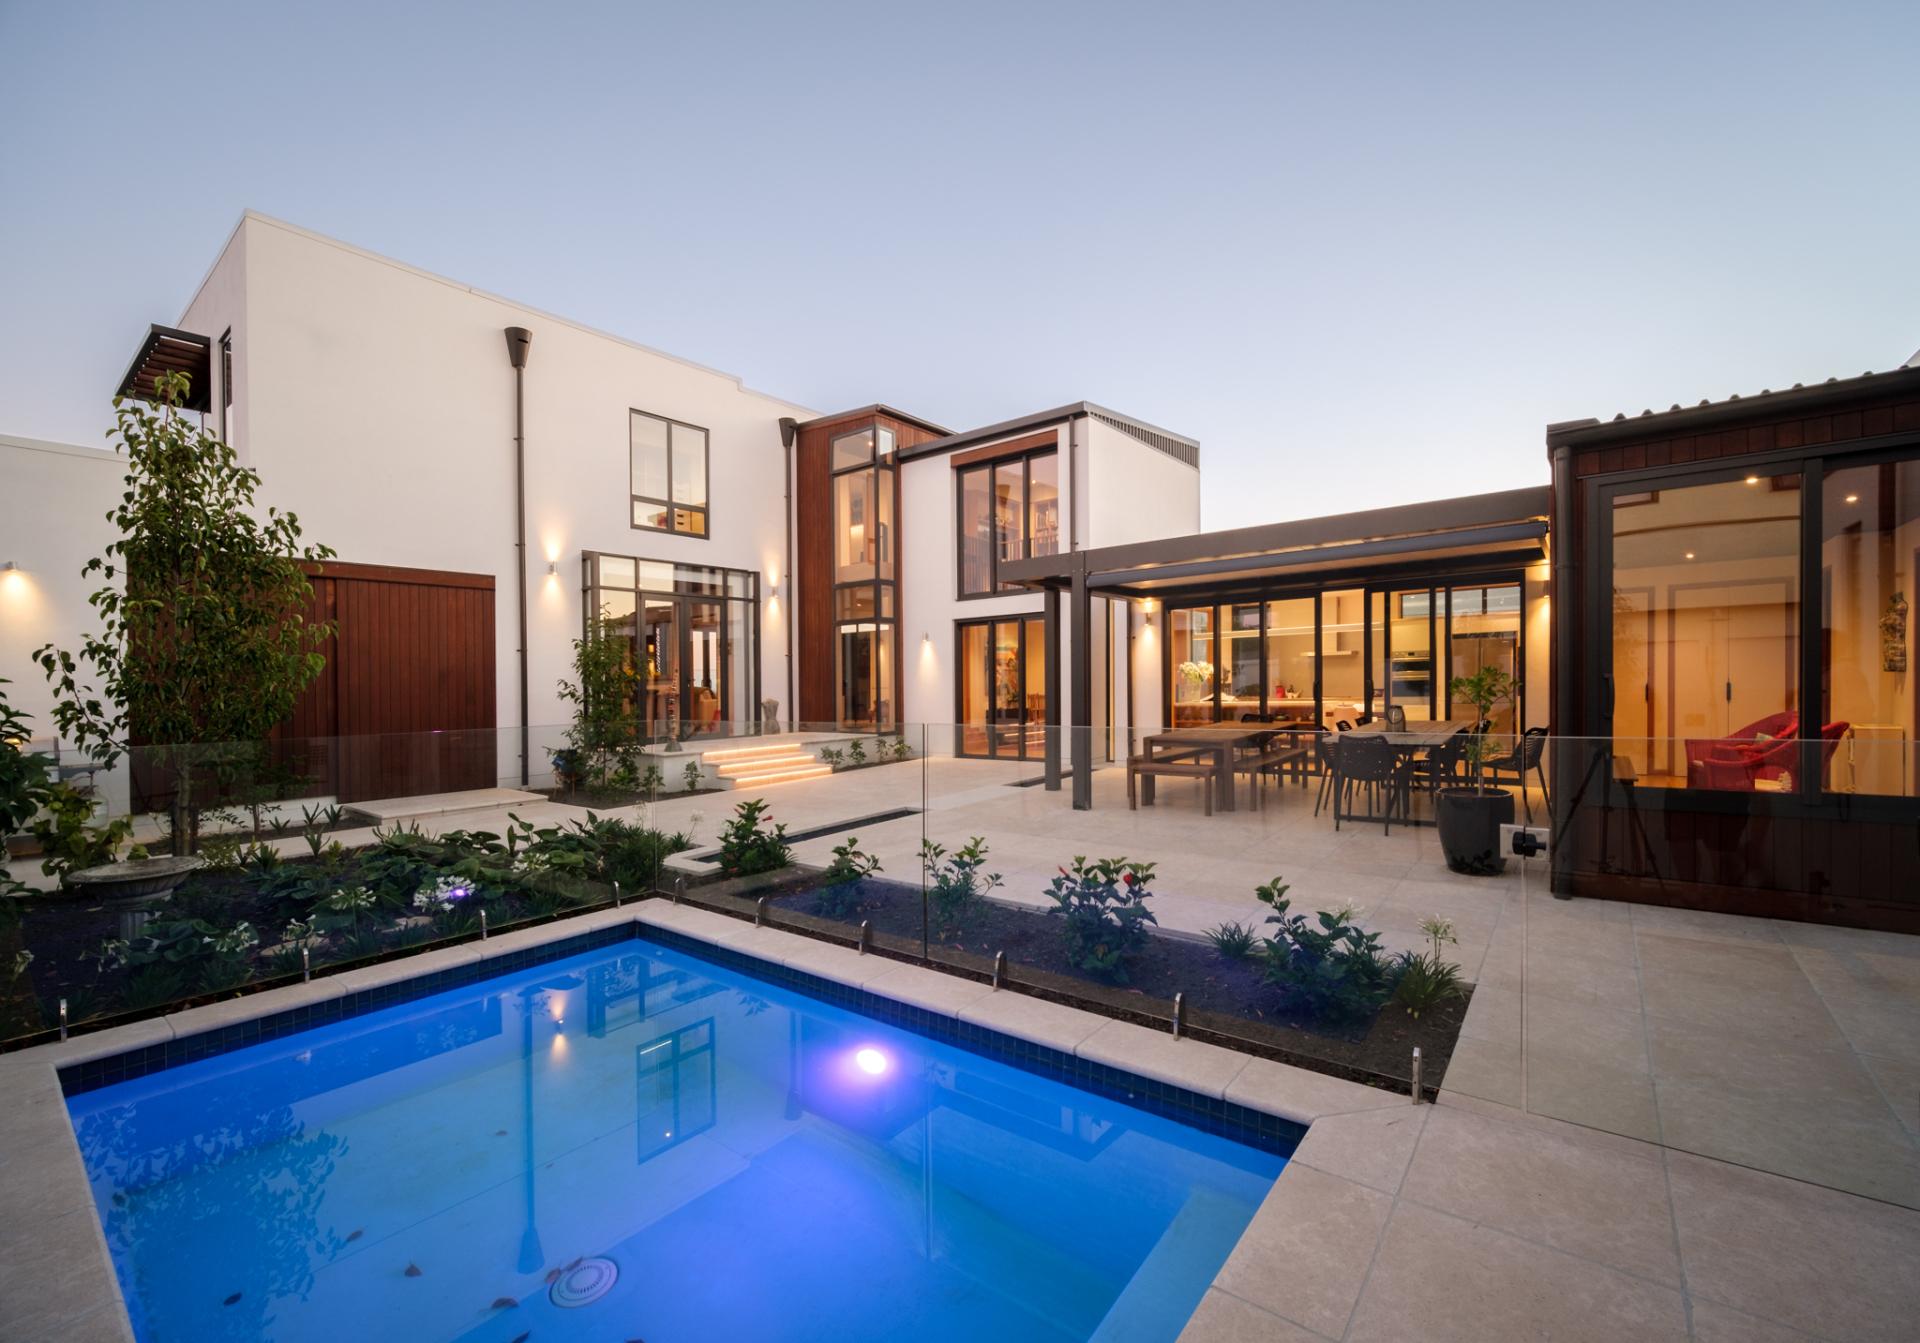 Westshore new home build